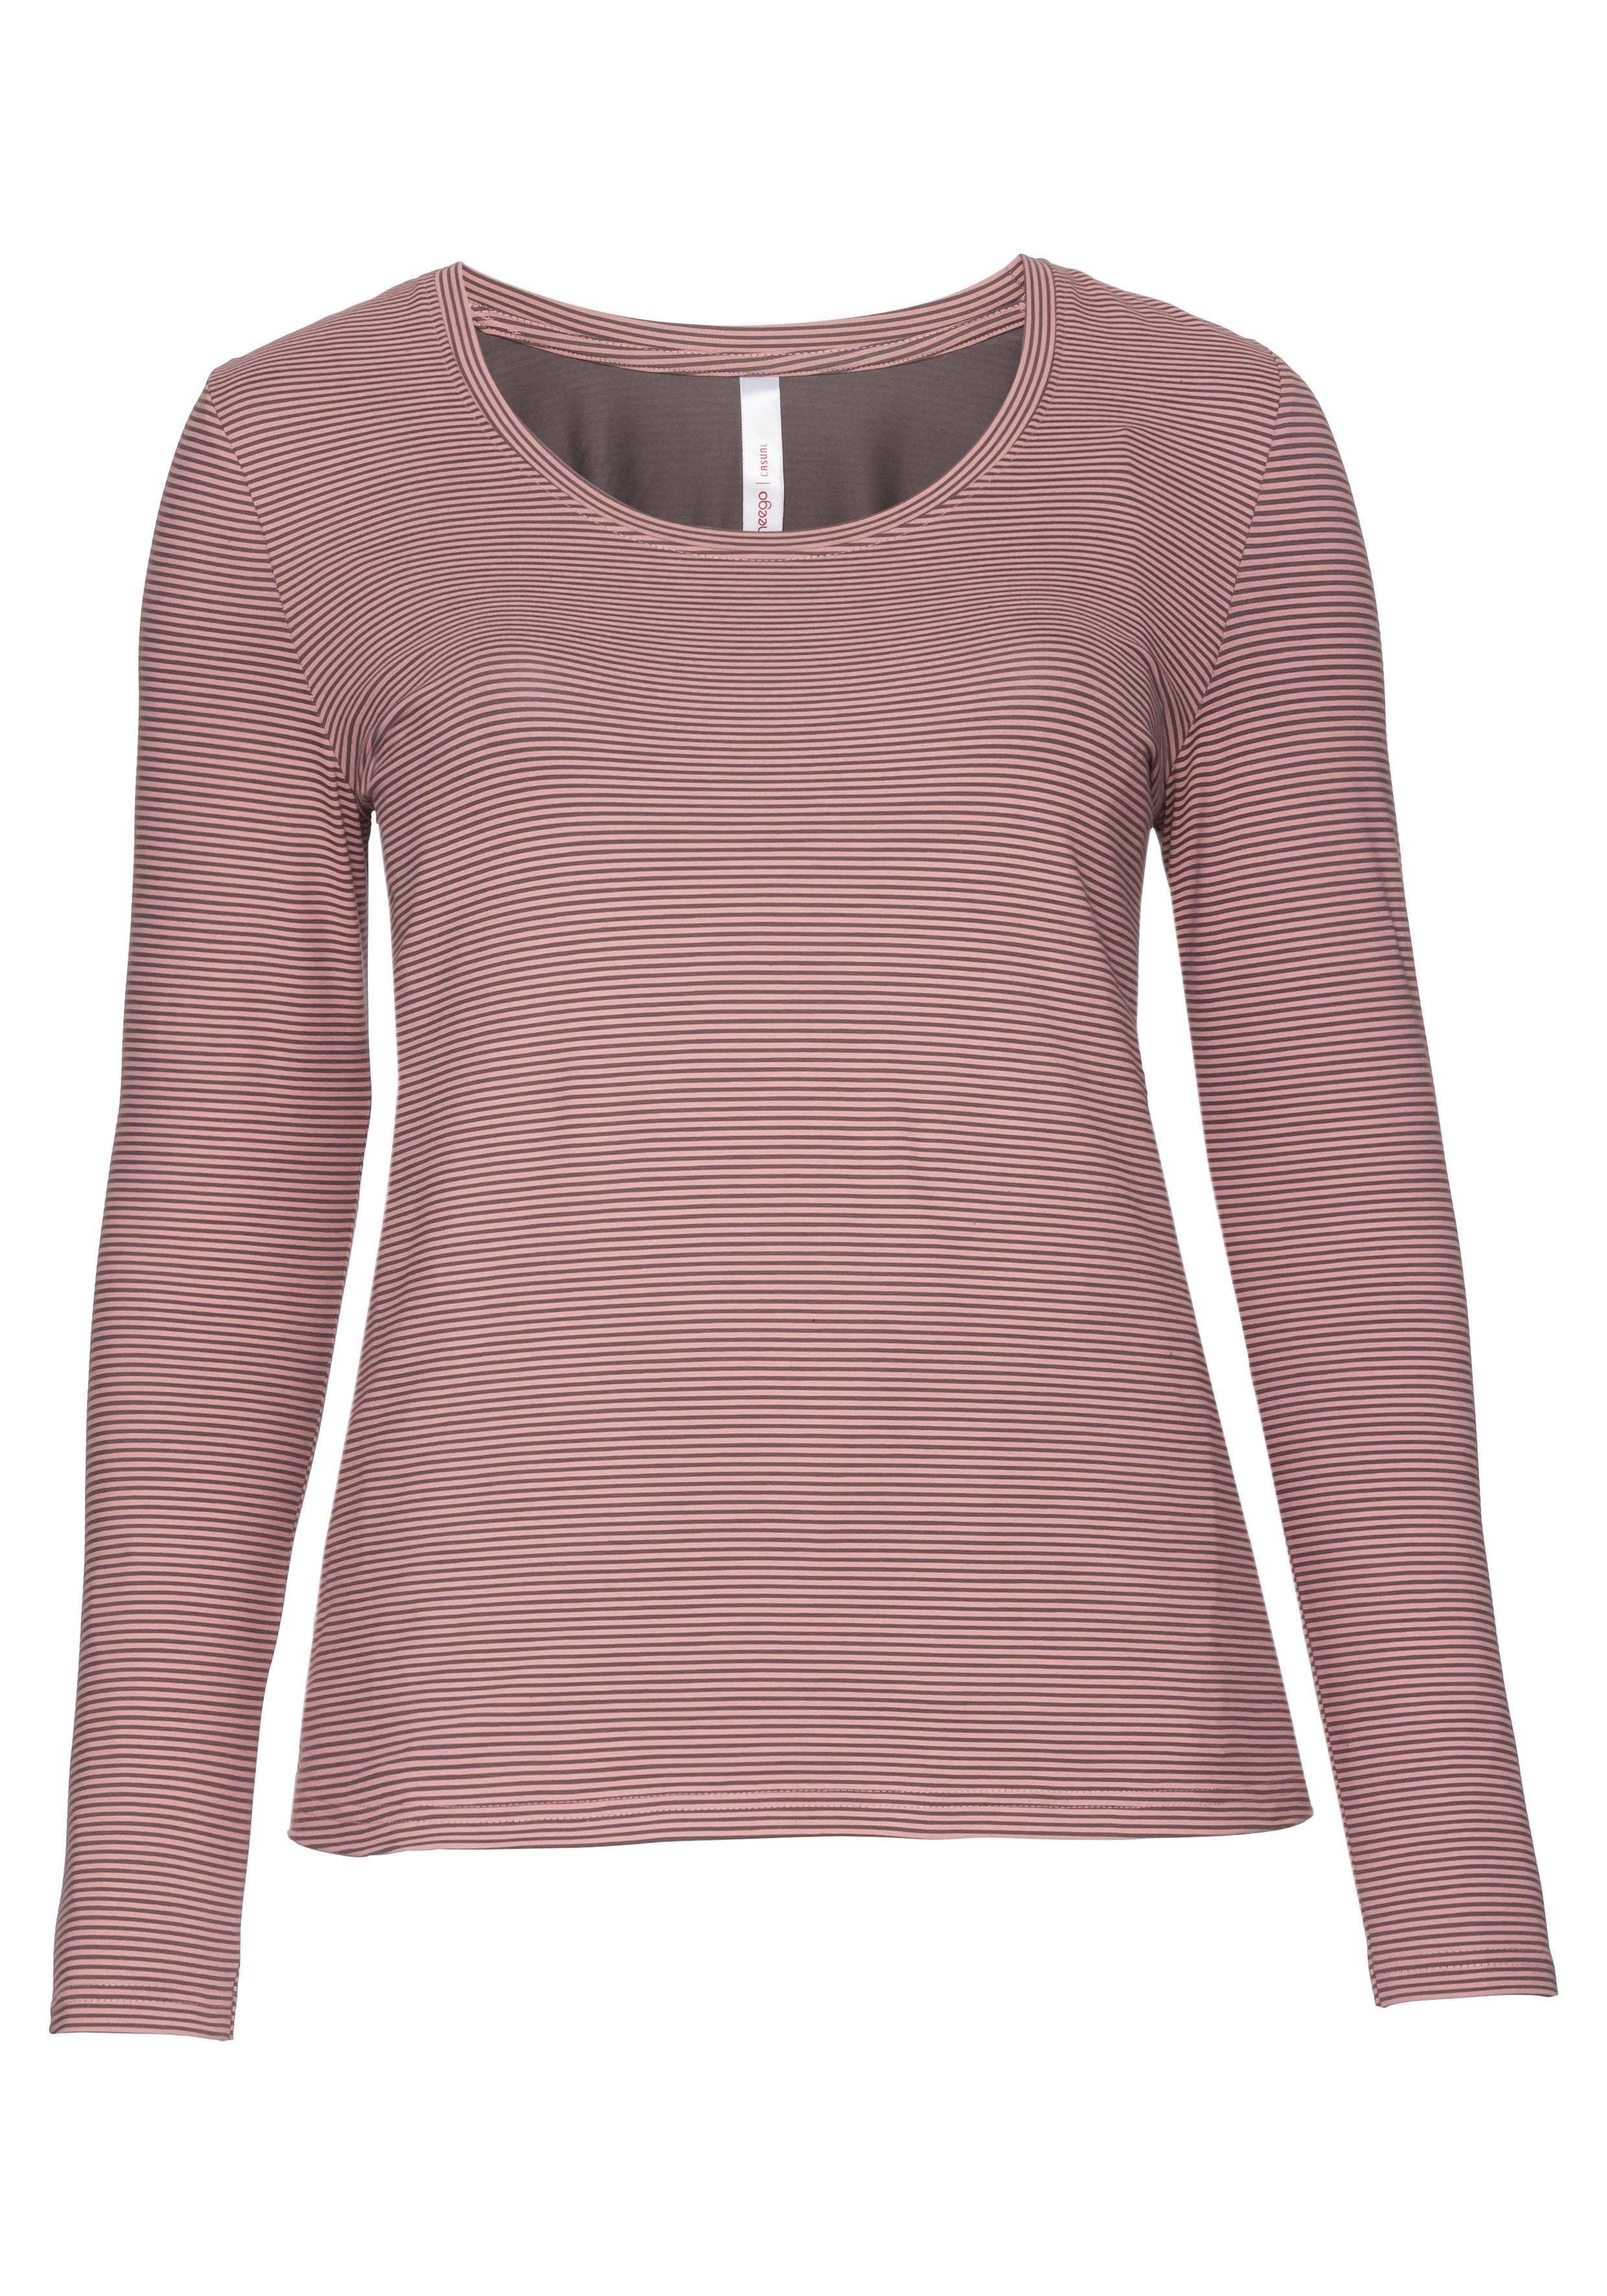 Shirt Sheego Mouwen Lange Casual Vind Je Bij Met nON0PkX8w